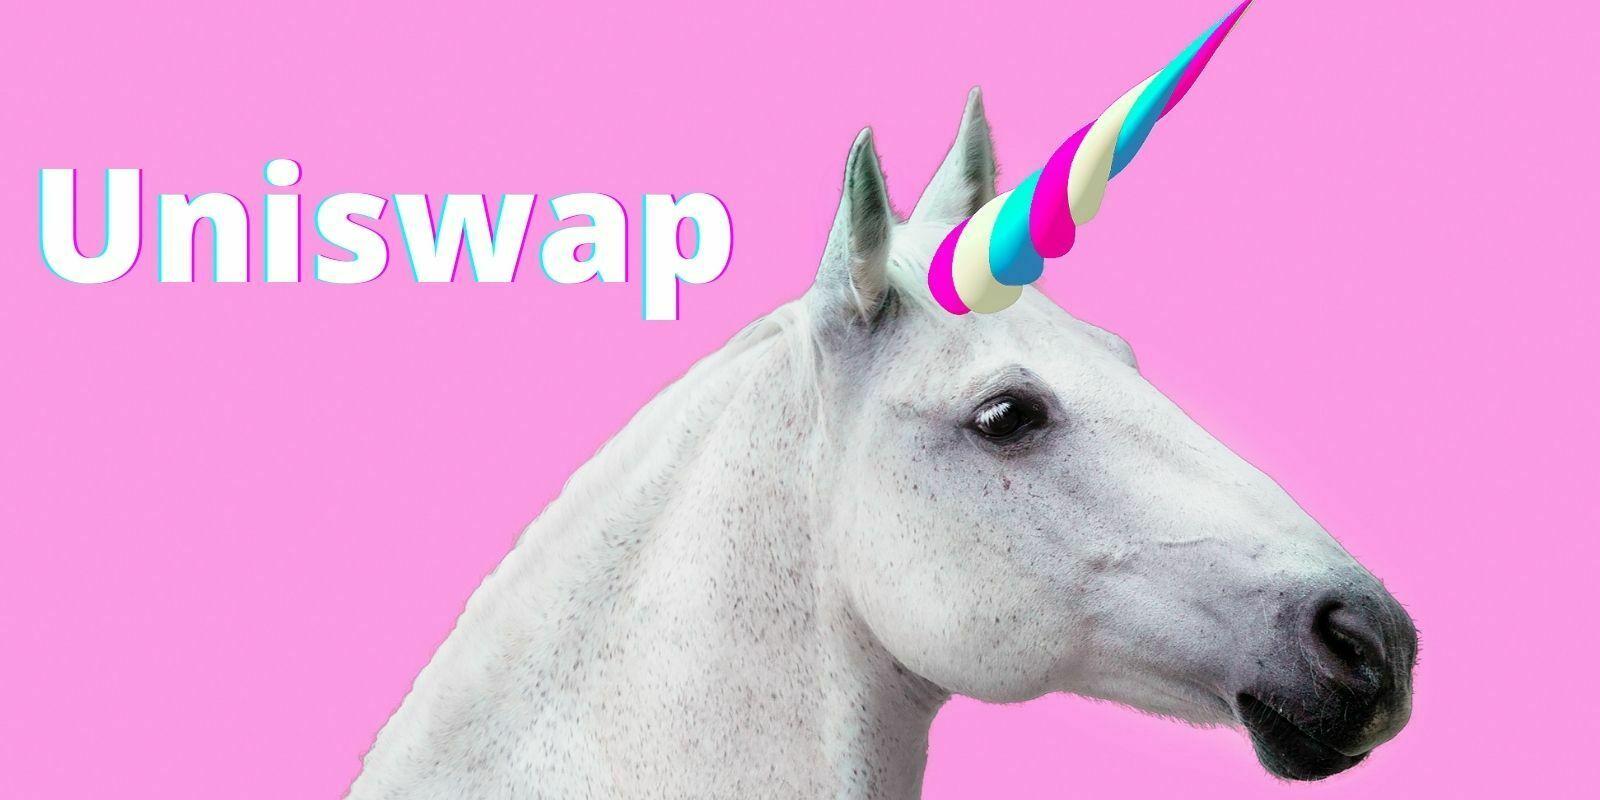 La frénésie de la DeFi propulse Uniswap dans le top 3 des exchanges